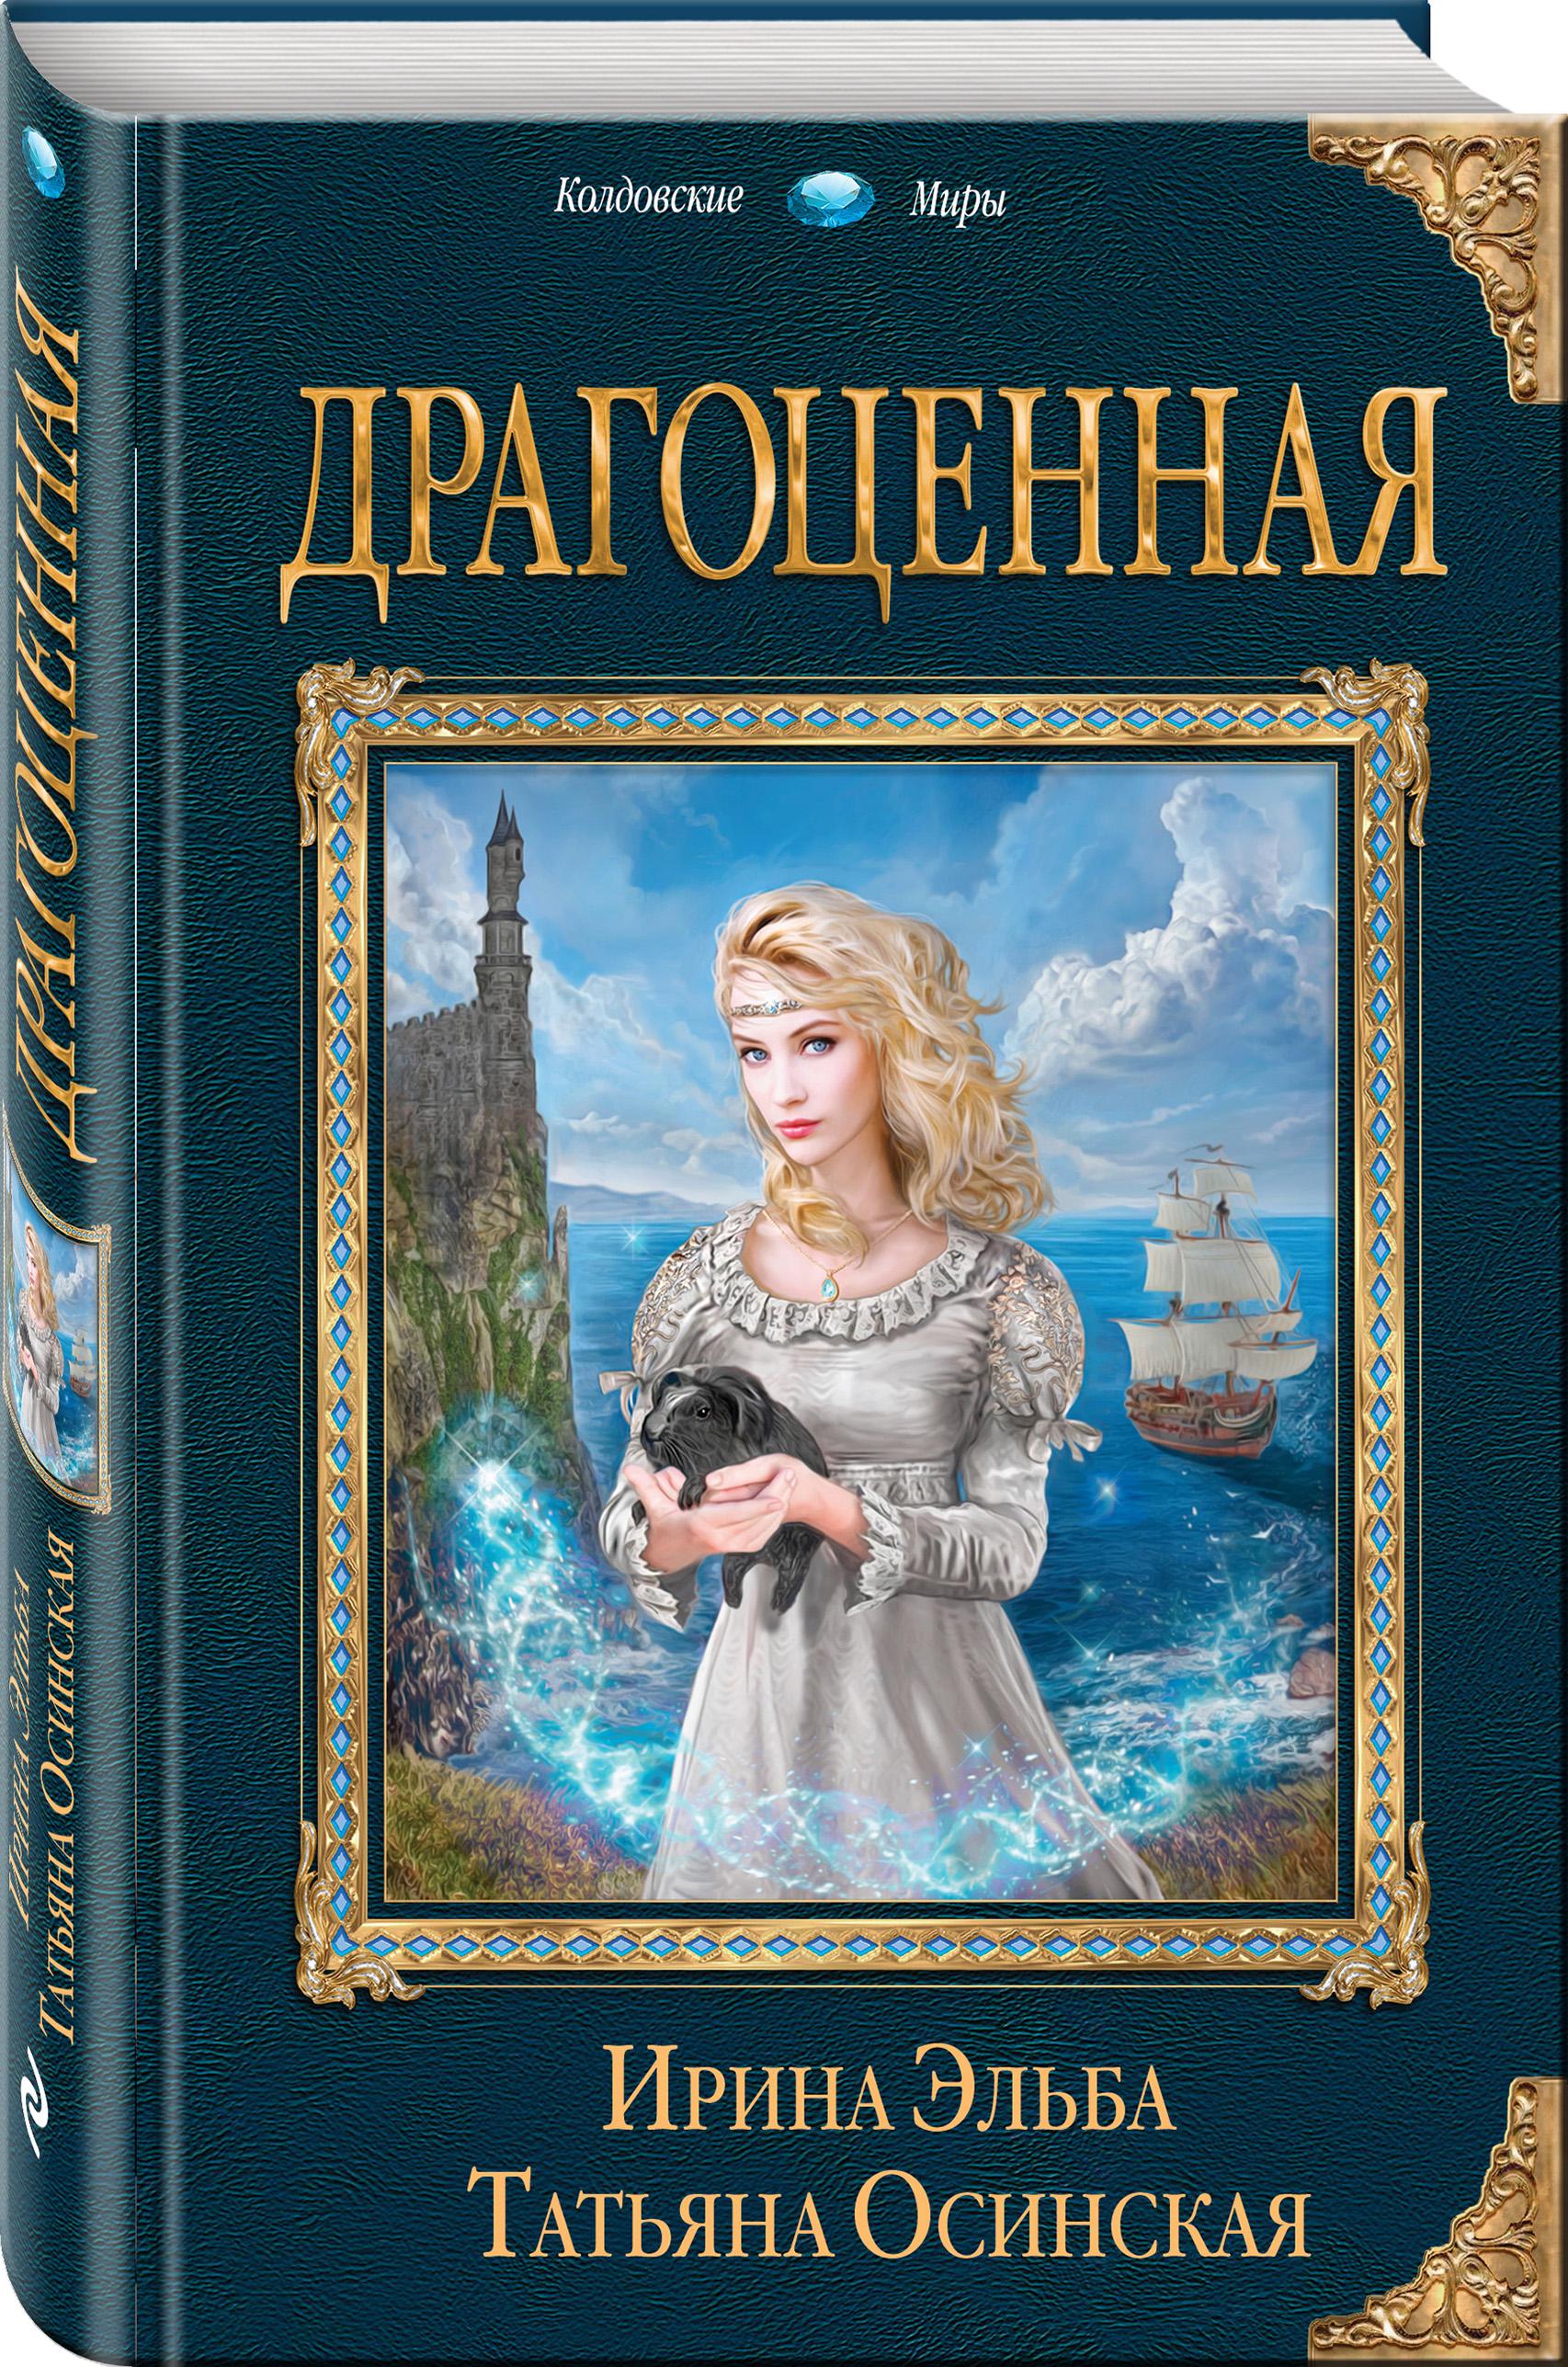 Ирина Эльба, Татьяна Осинская Драгоценная ирина эльба драгоценная